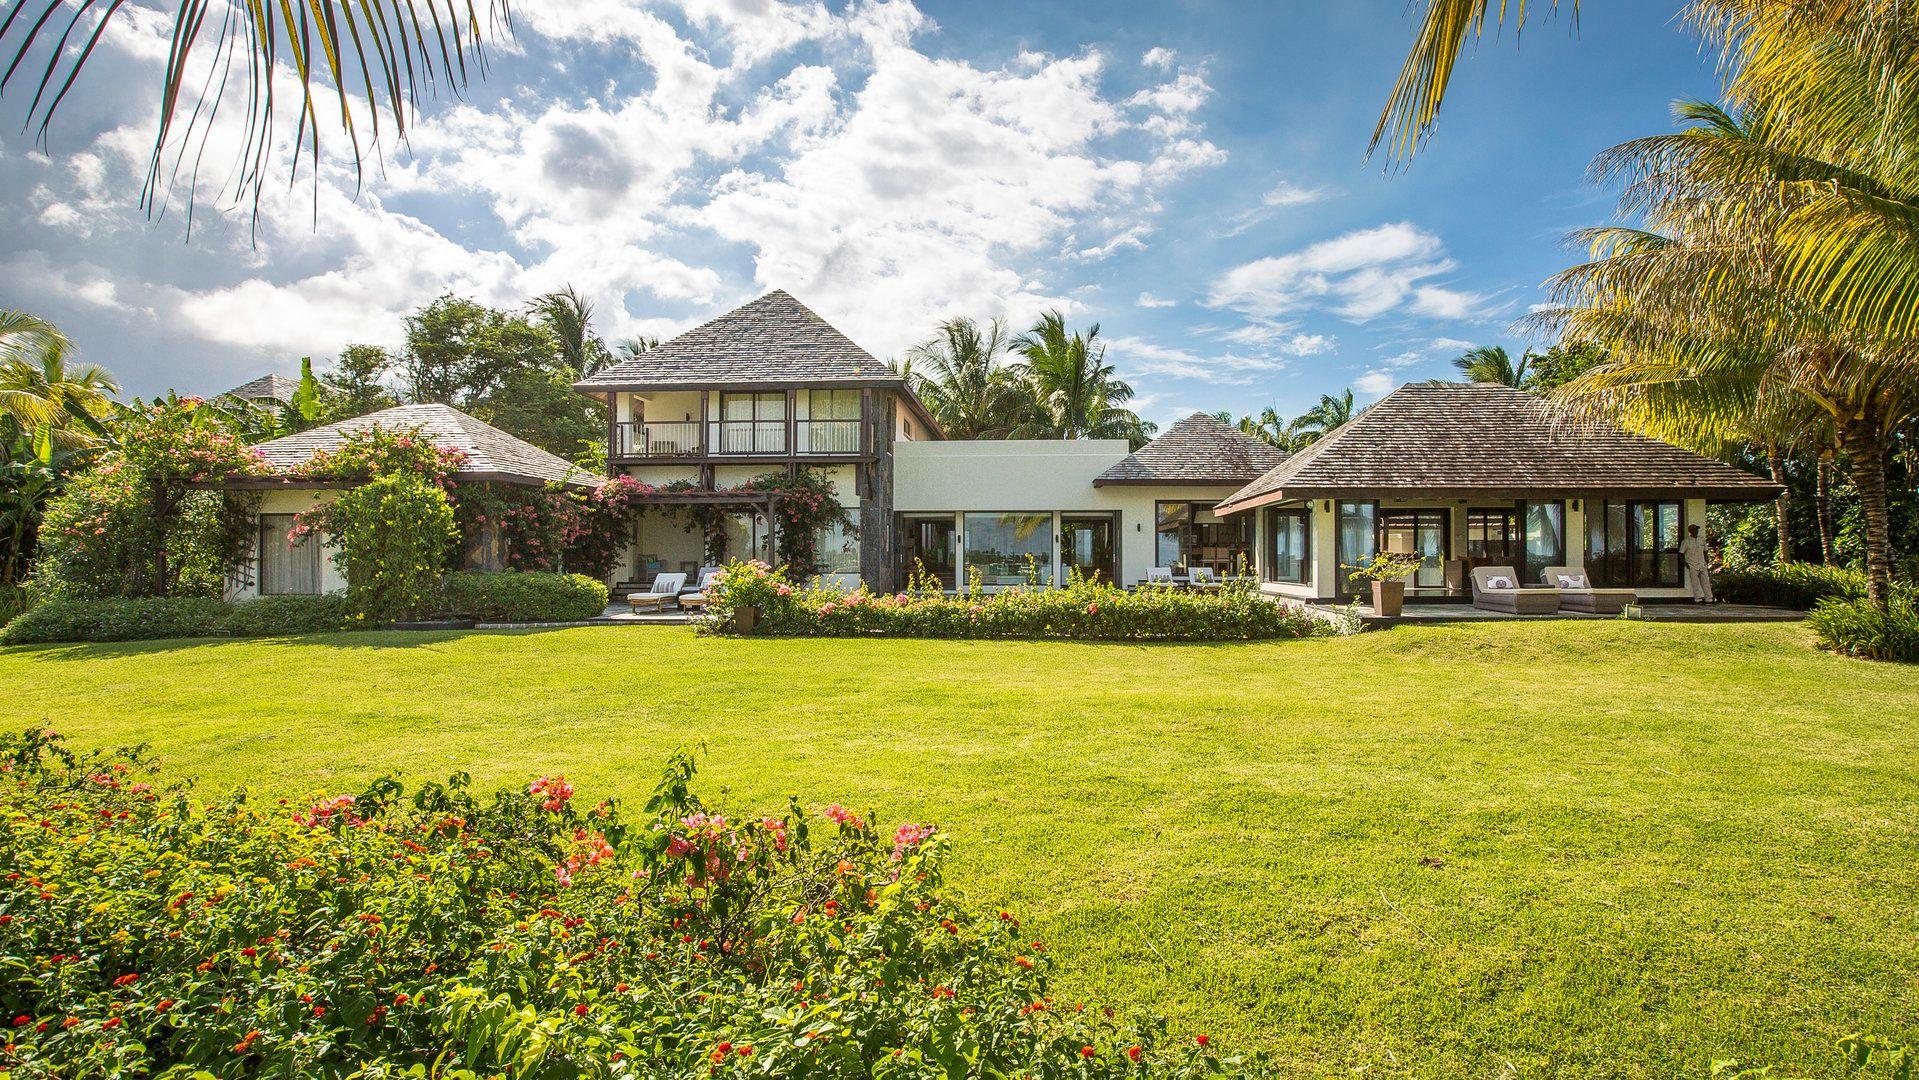 Maison à vendre 7 2044m2 à Ile Maurice vignette-1